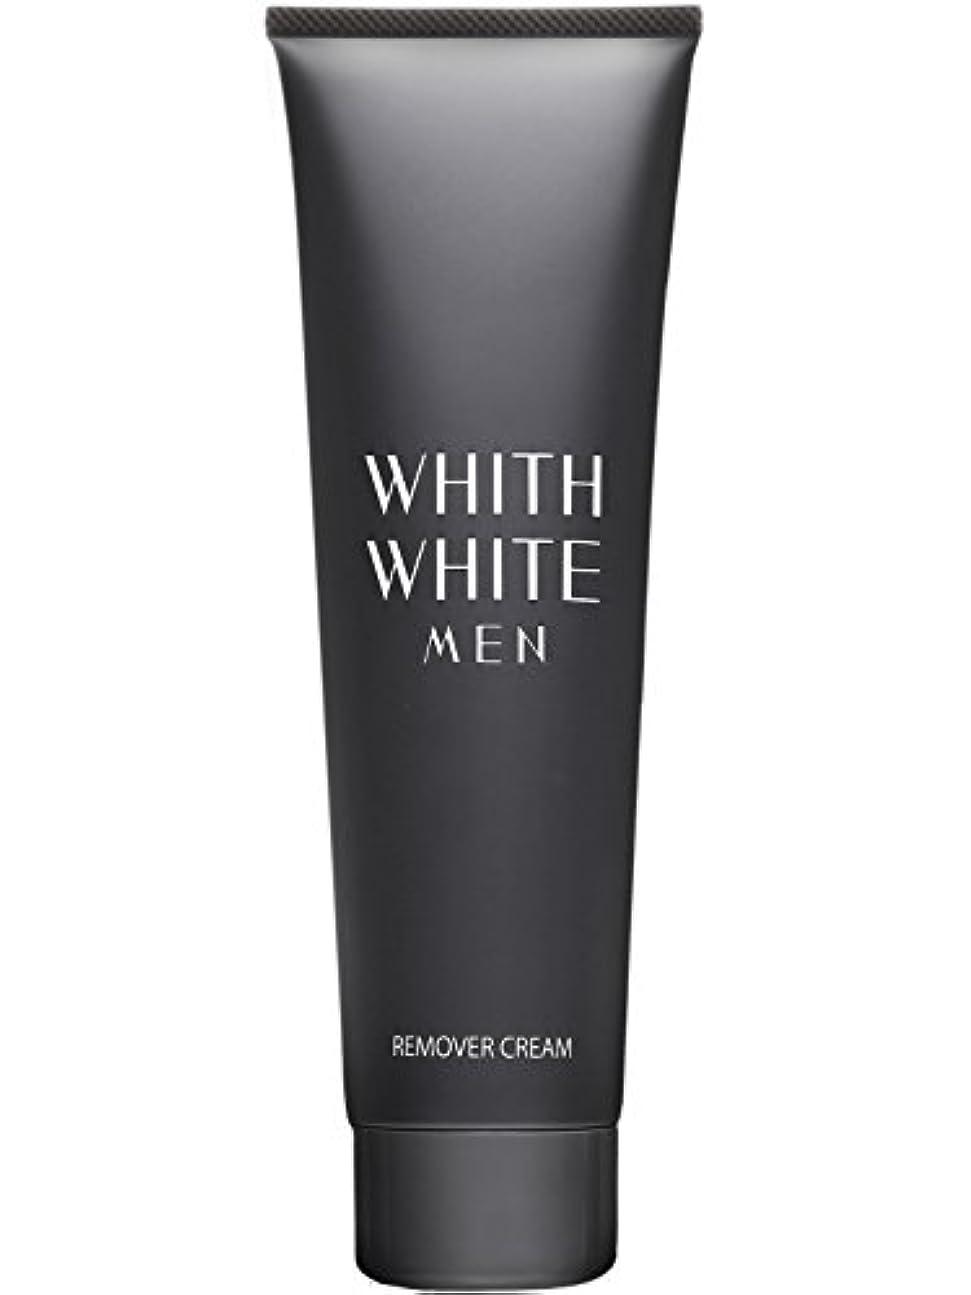 ナプキン三角形面倒医薬部外品 フィス ホワイト メンズ 除毛クリーム リムーバークリーム 陰部 使用可能 210g